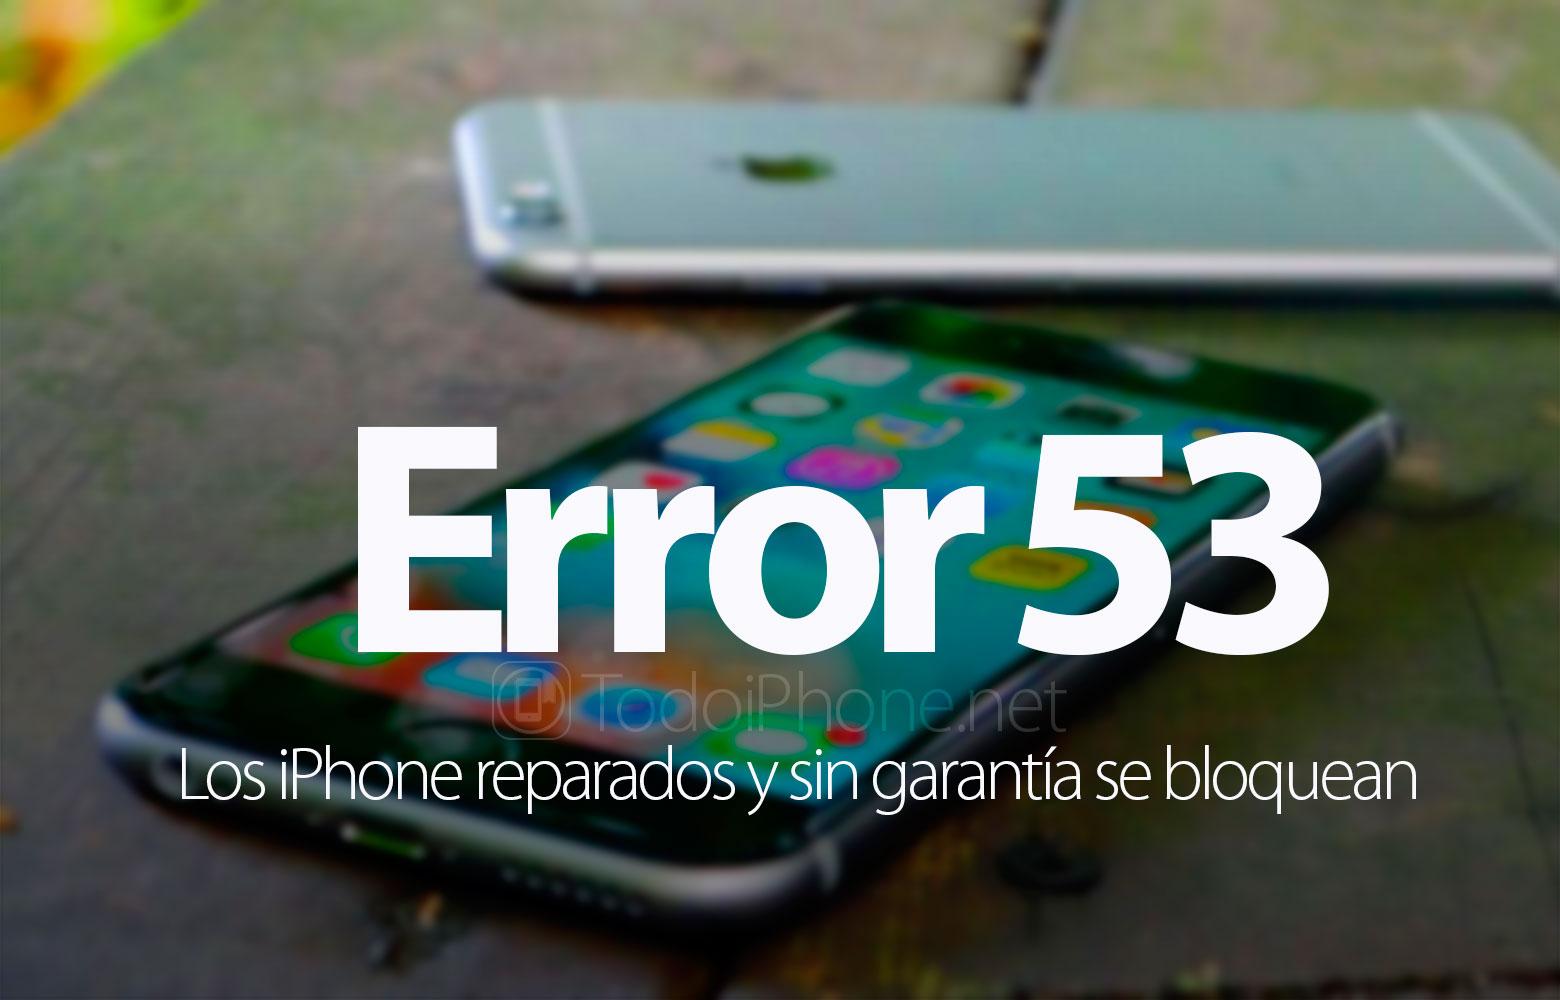 error-53-iphone-reparados-sin-garantia-bloquean